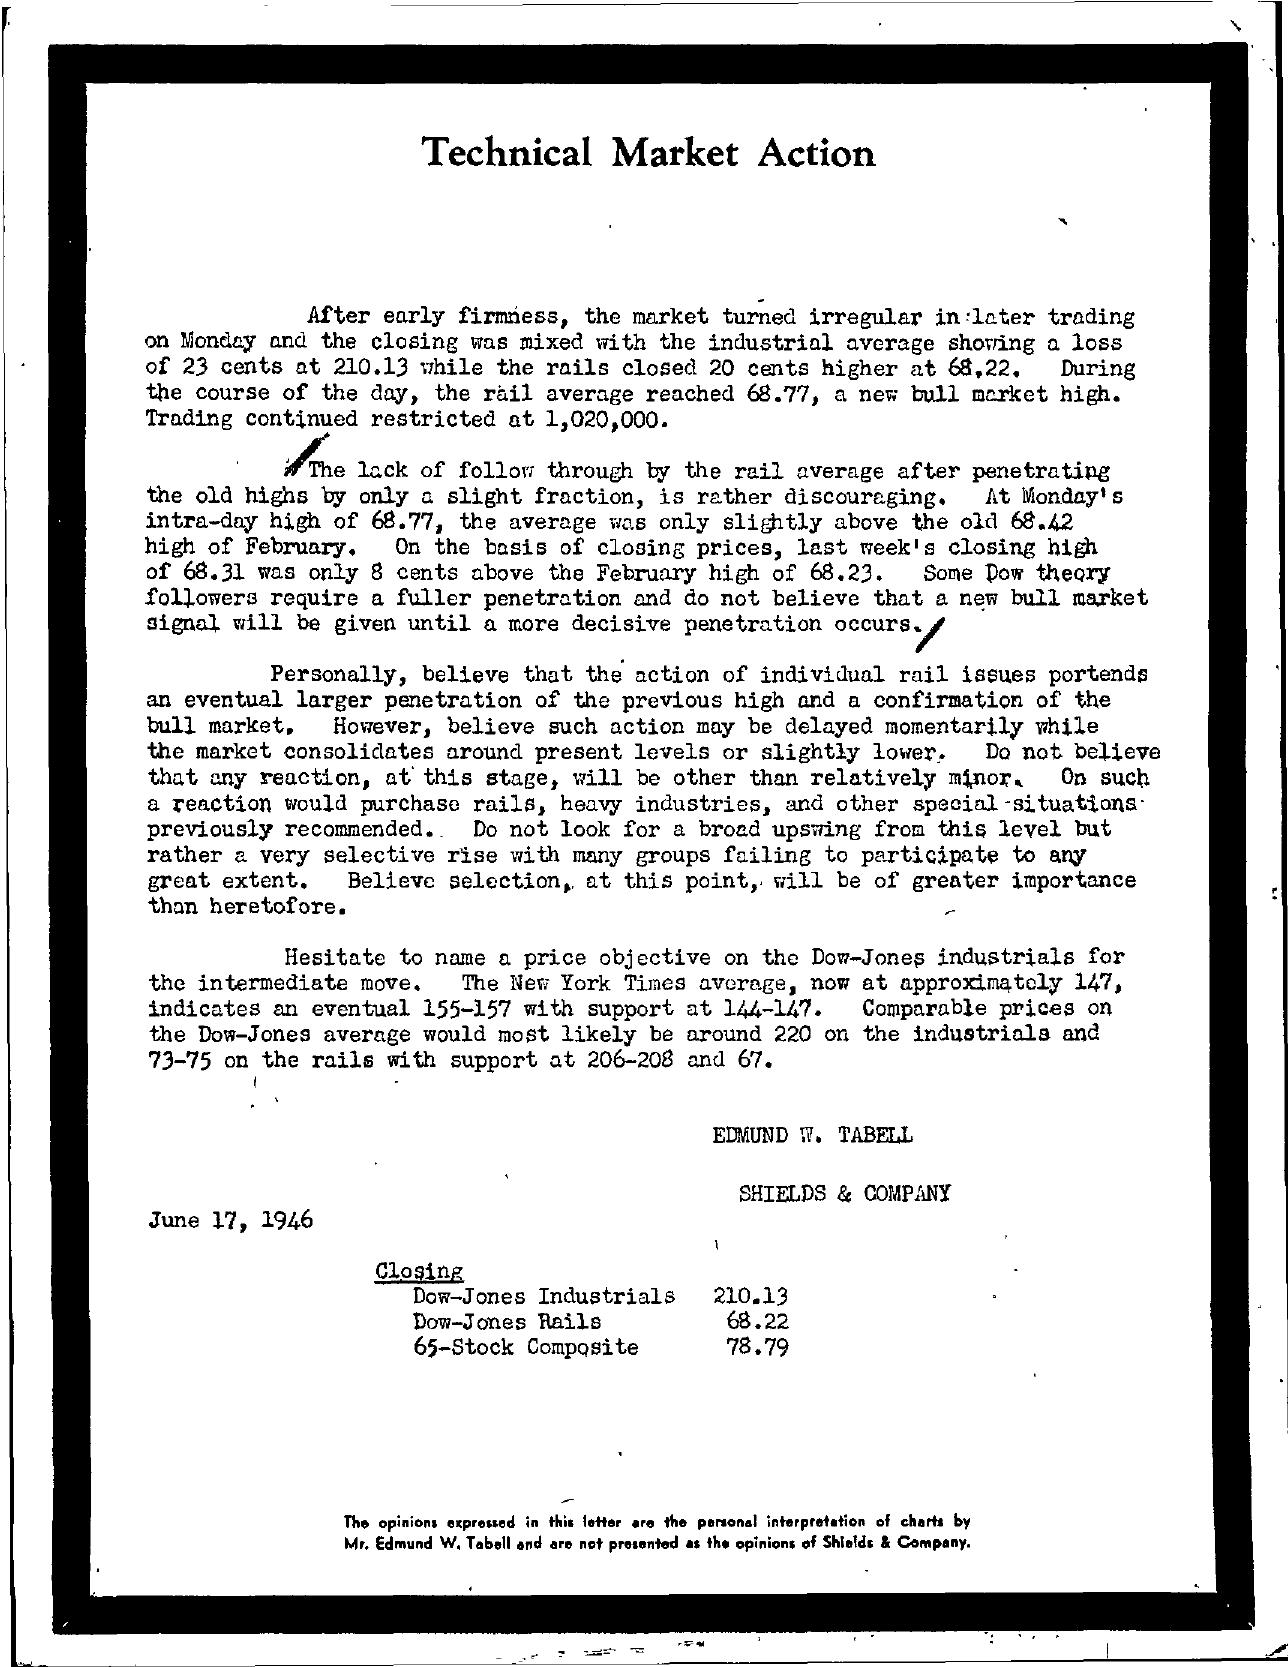 Tabell's Market Letter - June 17, 1946